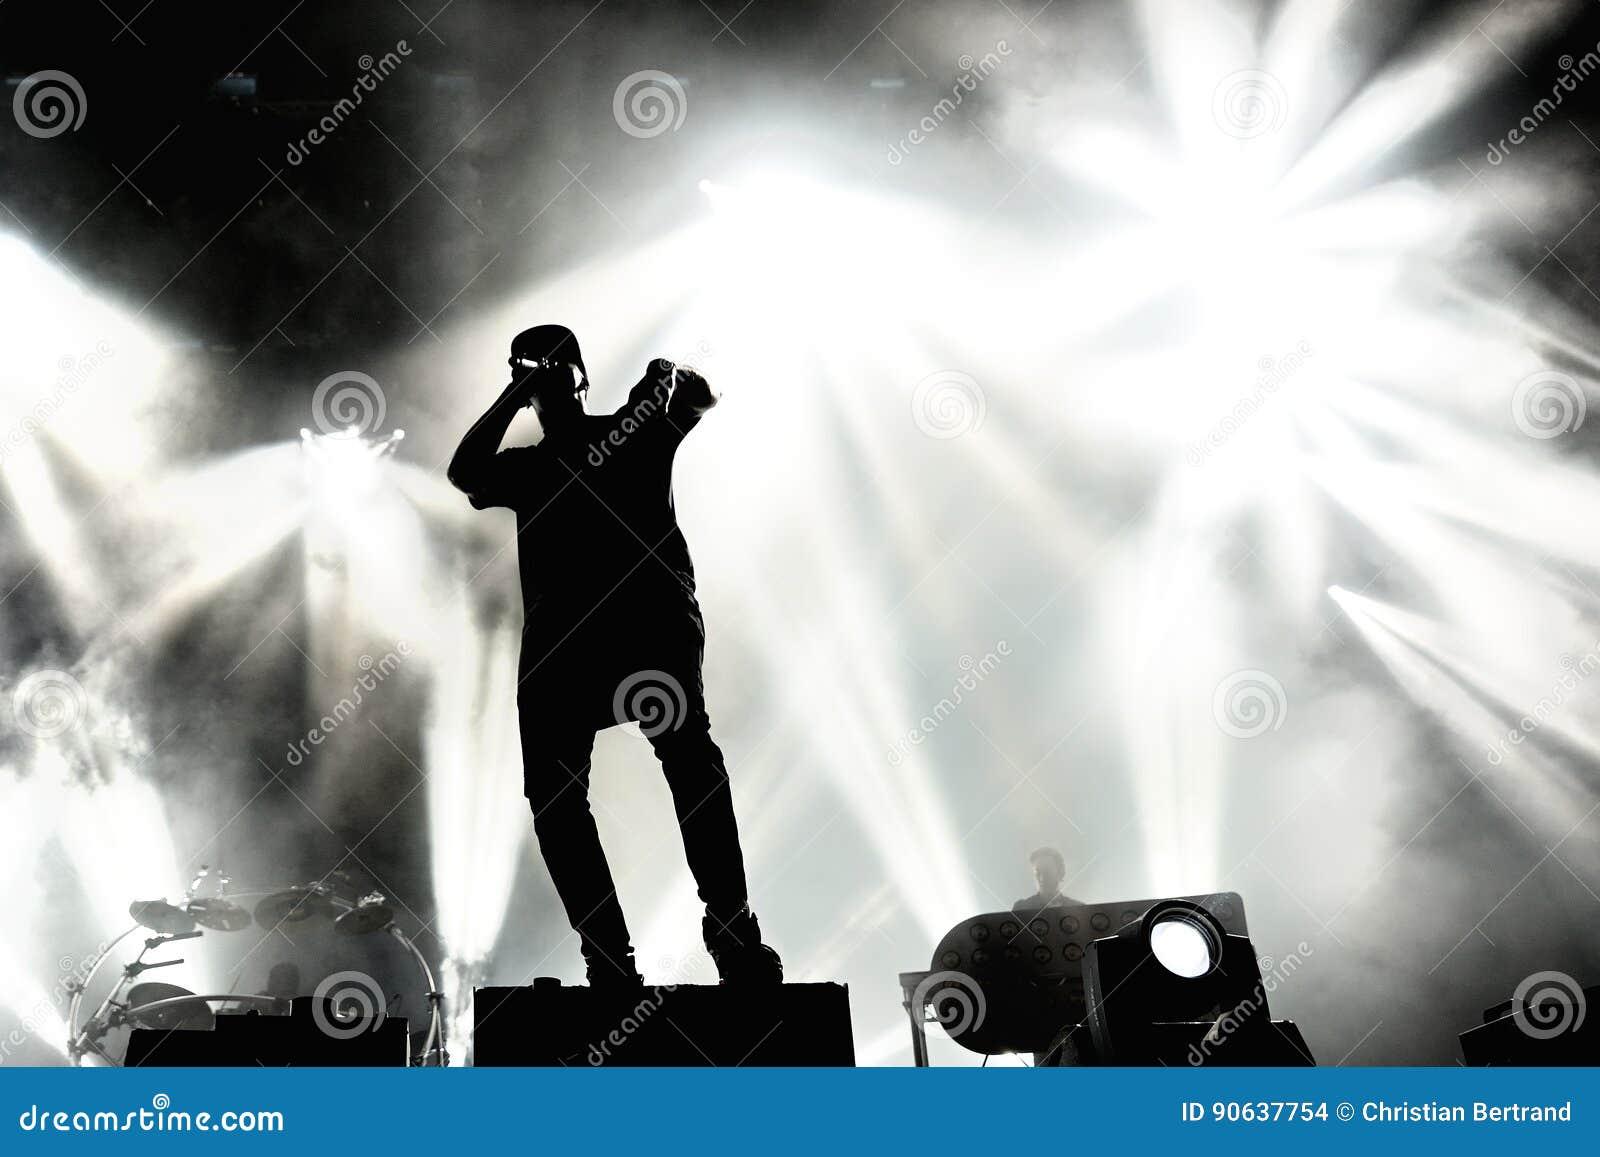 Produktionsduoband der elektronischen Musik der Verfolgung u. des Status britische im Konzert an FLUNKEREI Festival